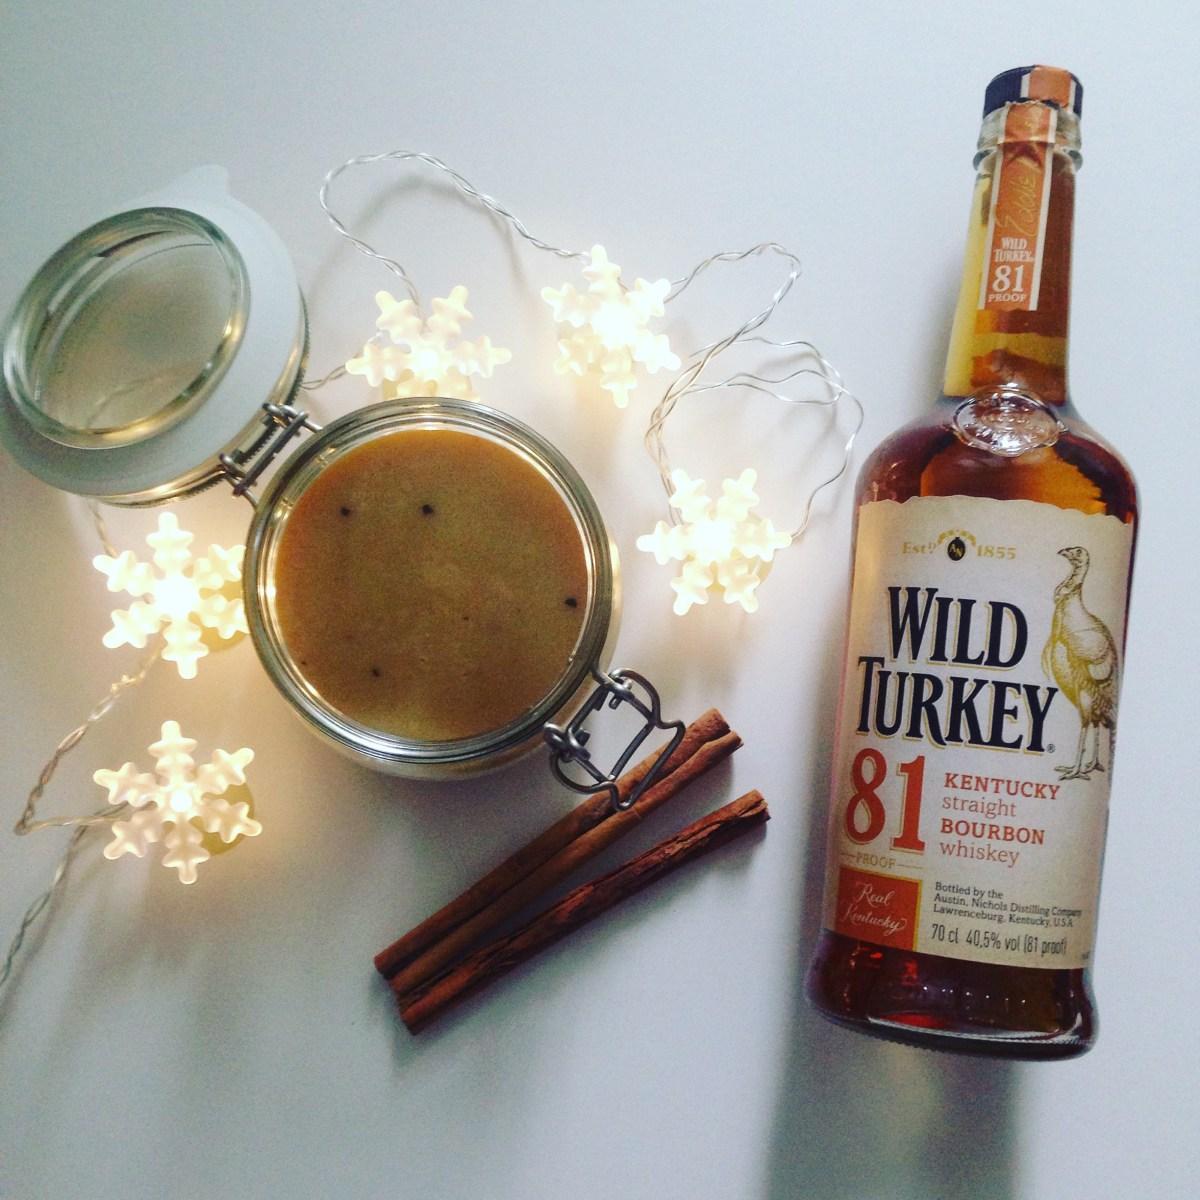 Kořeněná karamelová omáčka s bourbonem